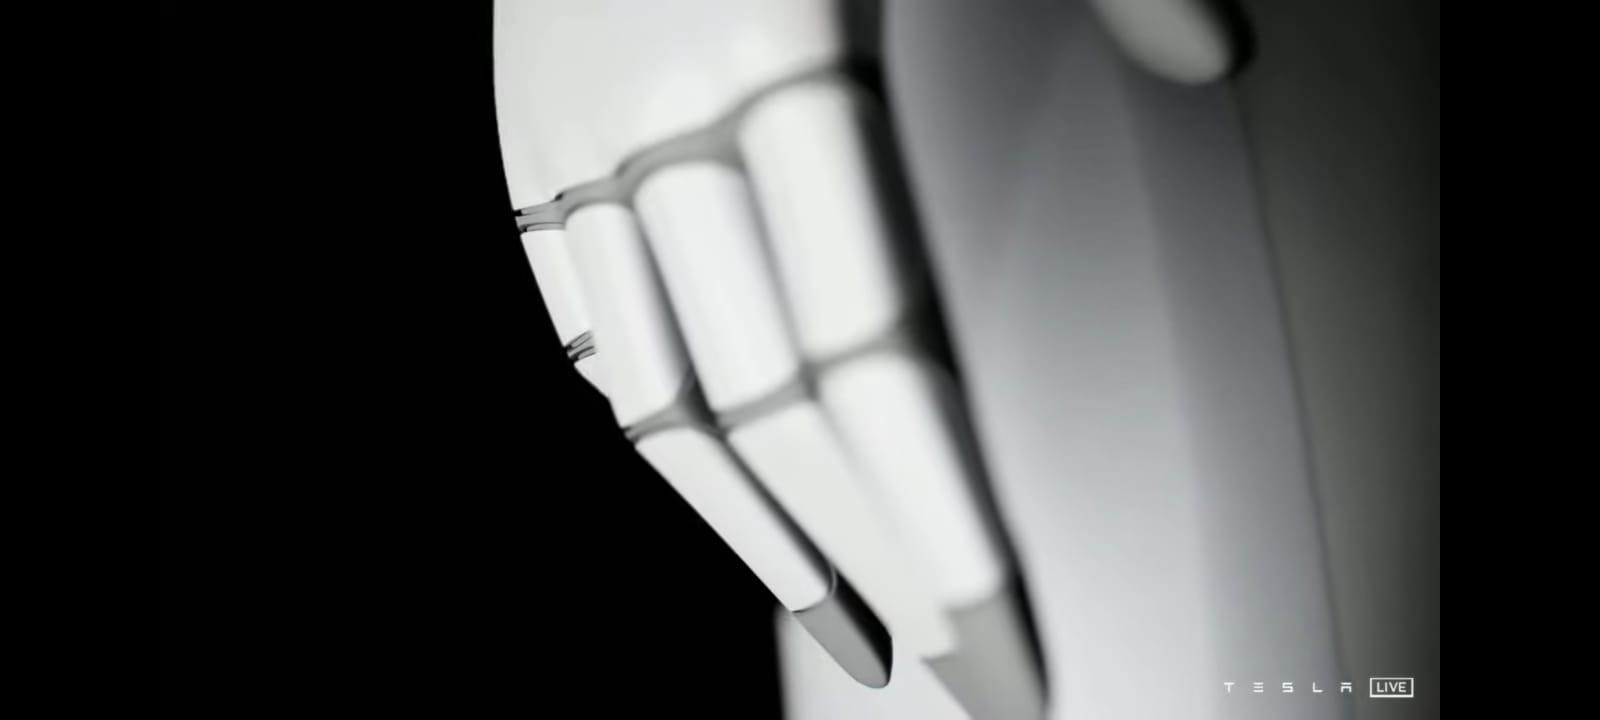 """Роботы против человечества не восстанут, робот Тесла - это не """"Скайнет"""""""